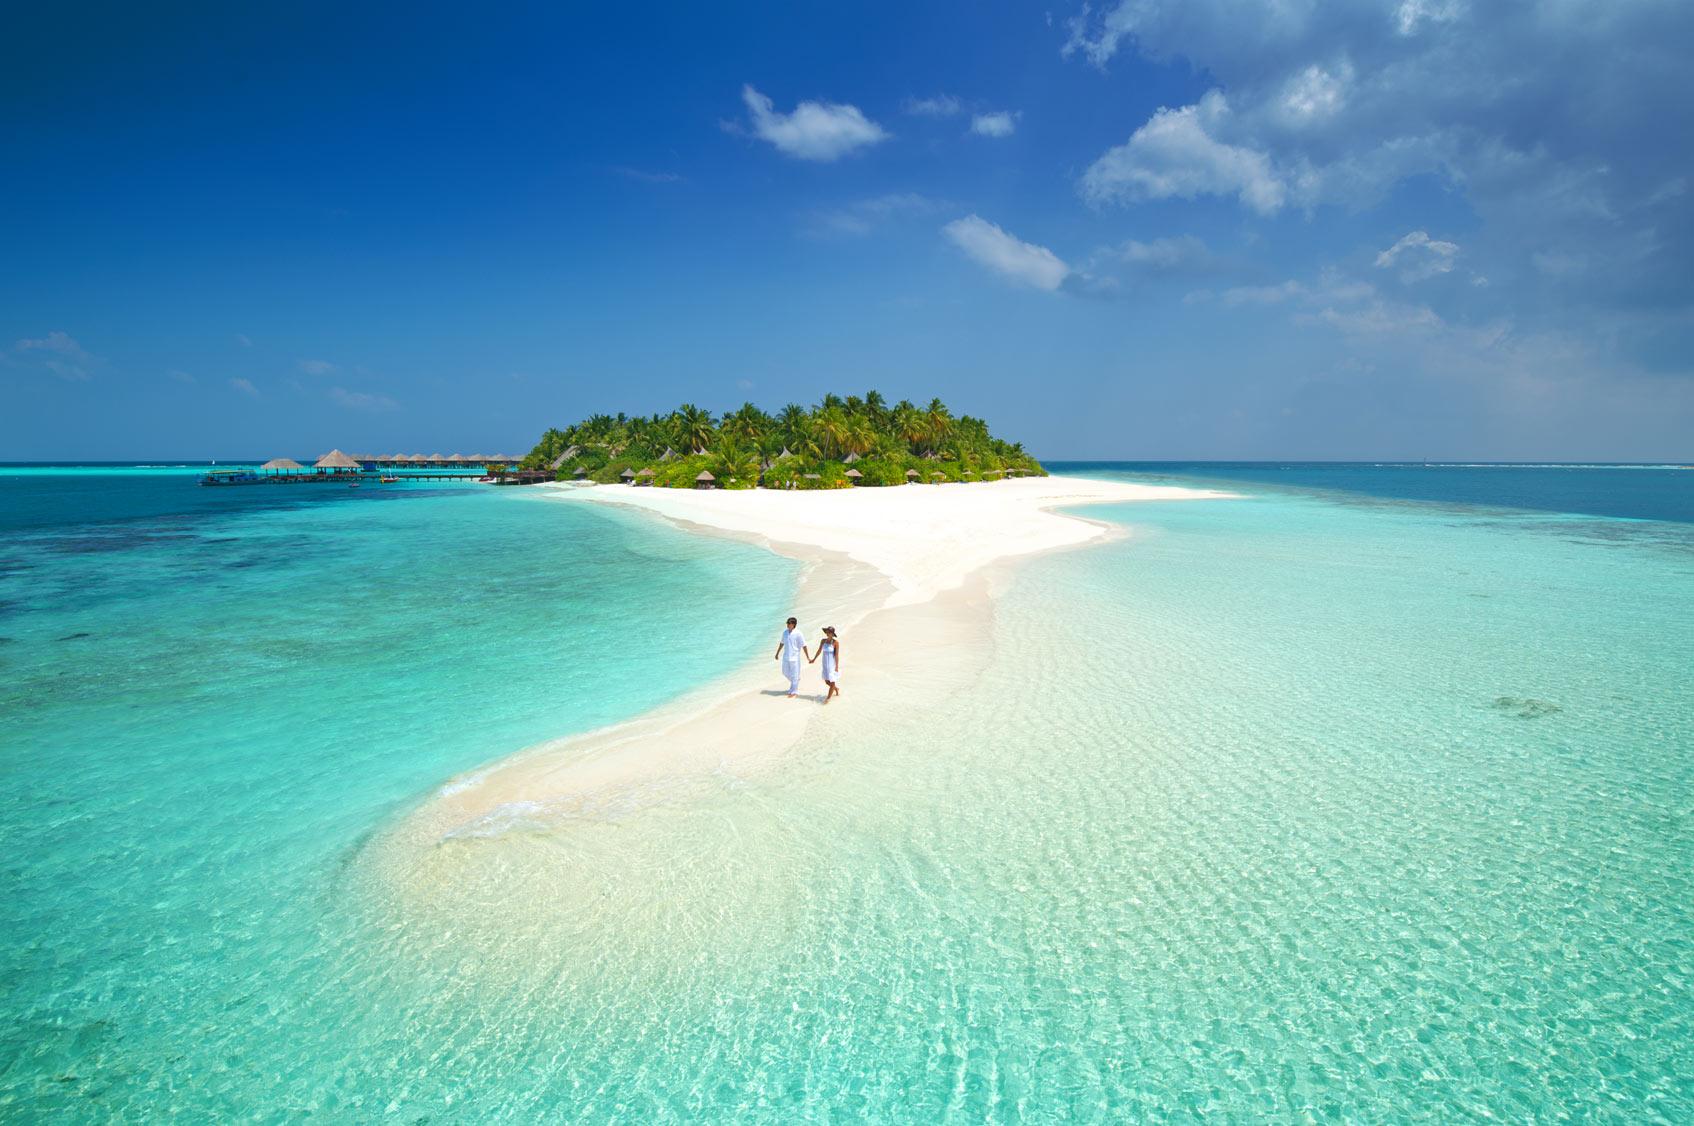 аренда острова на мальдивах